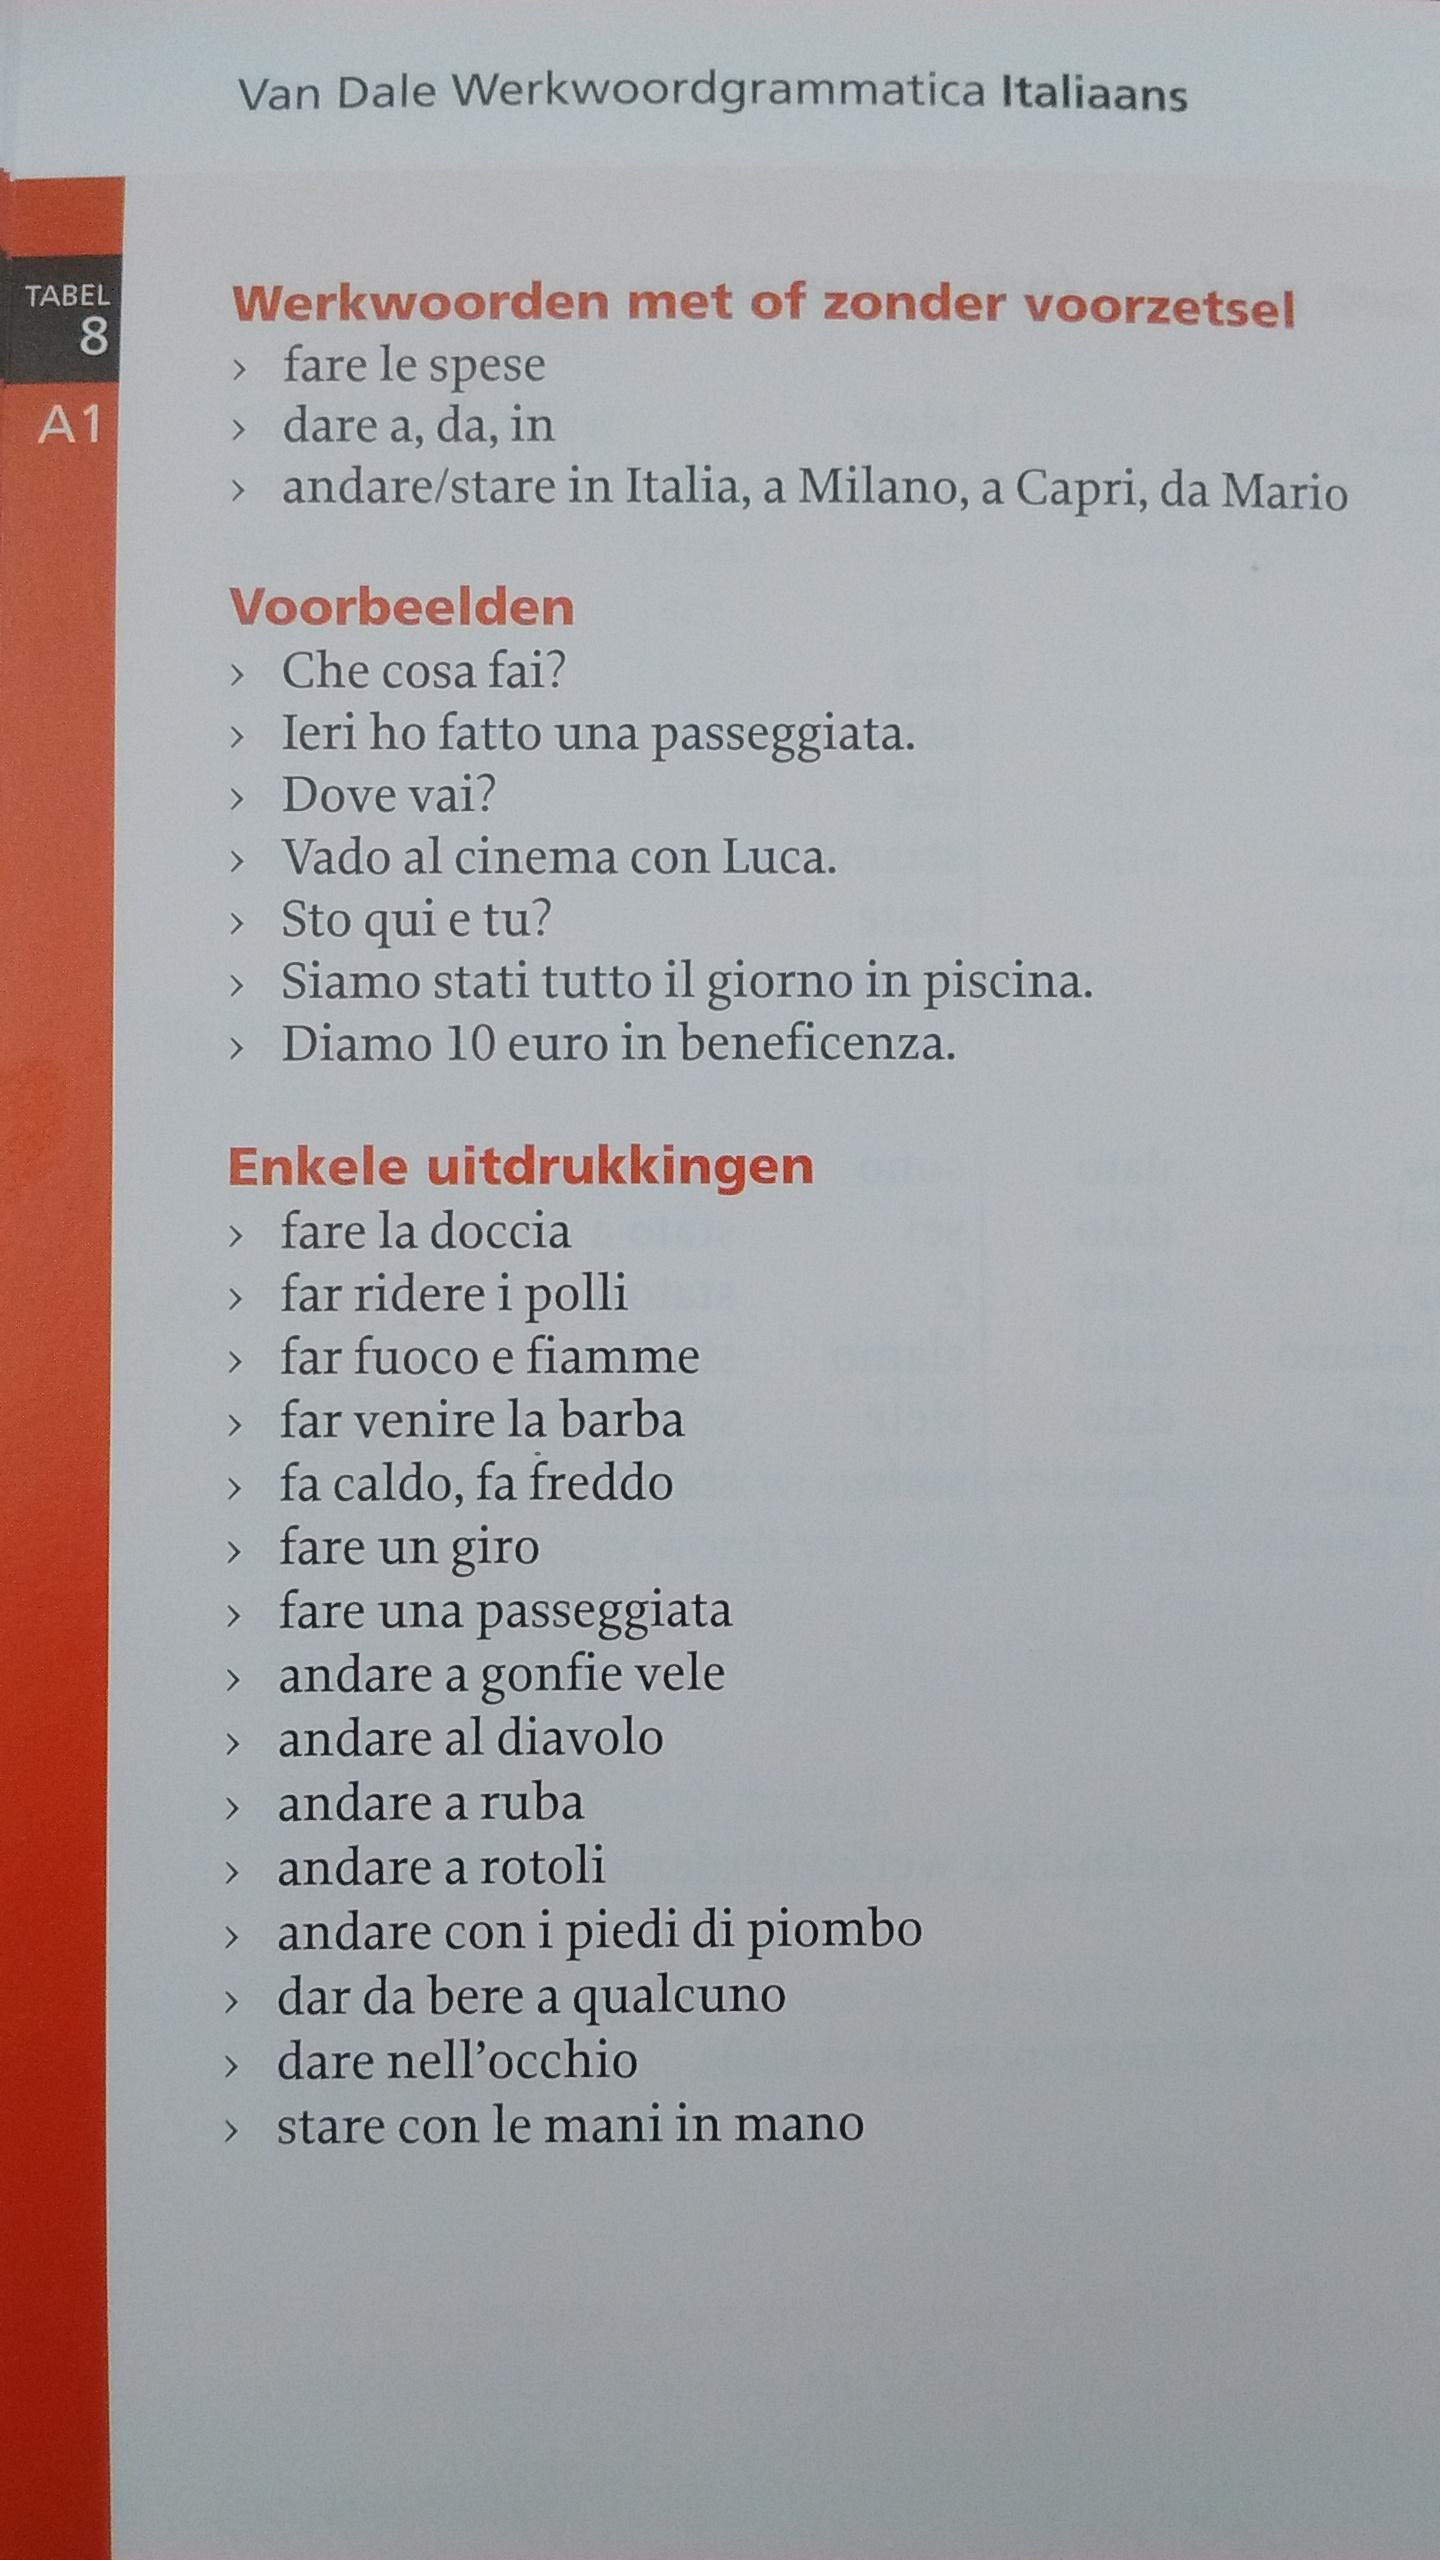 Van Dale Werkwoordgrammatica Italiaans isbn 9789460771613